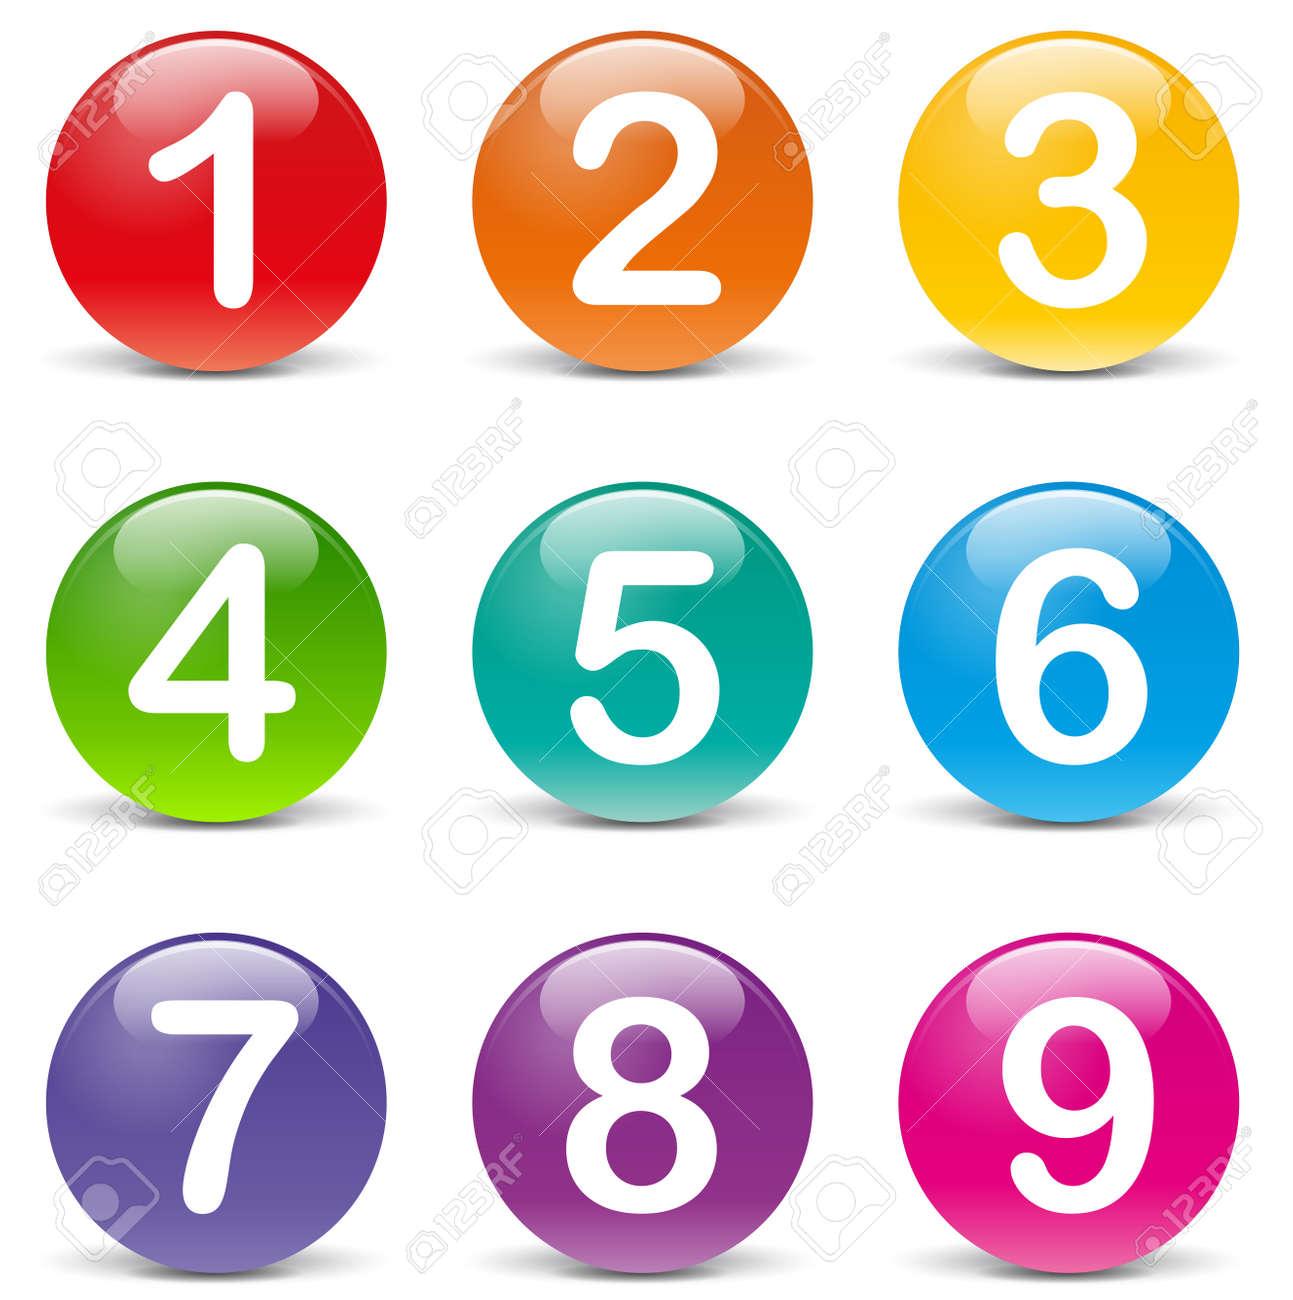 vector illustration des numéros de couleur des icônes sur fond blanc